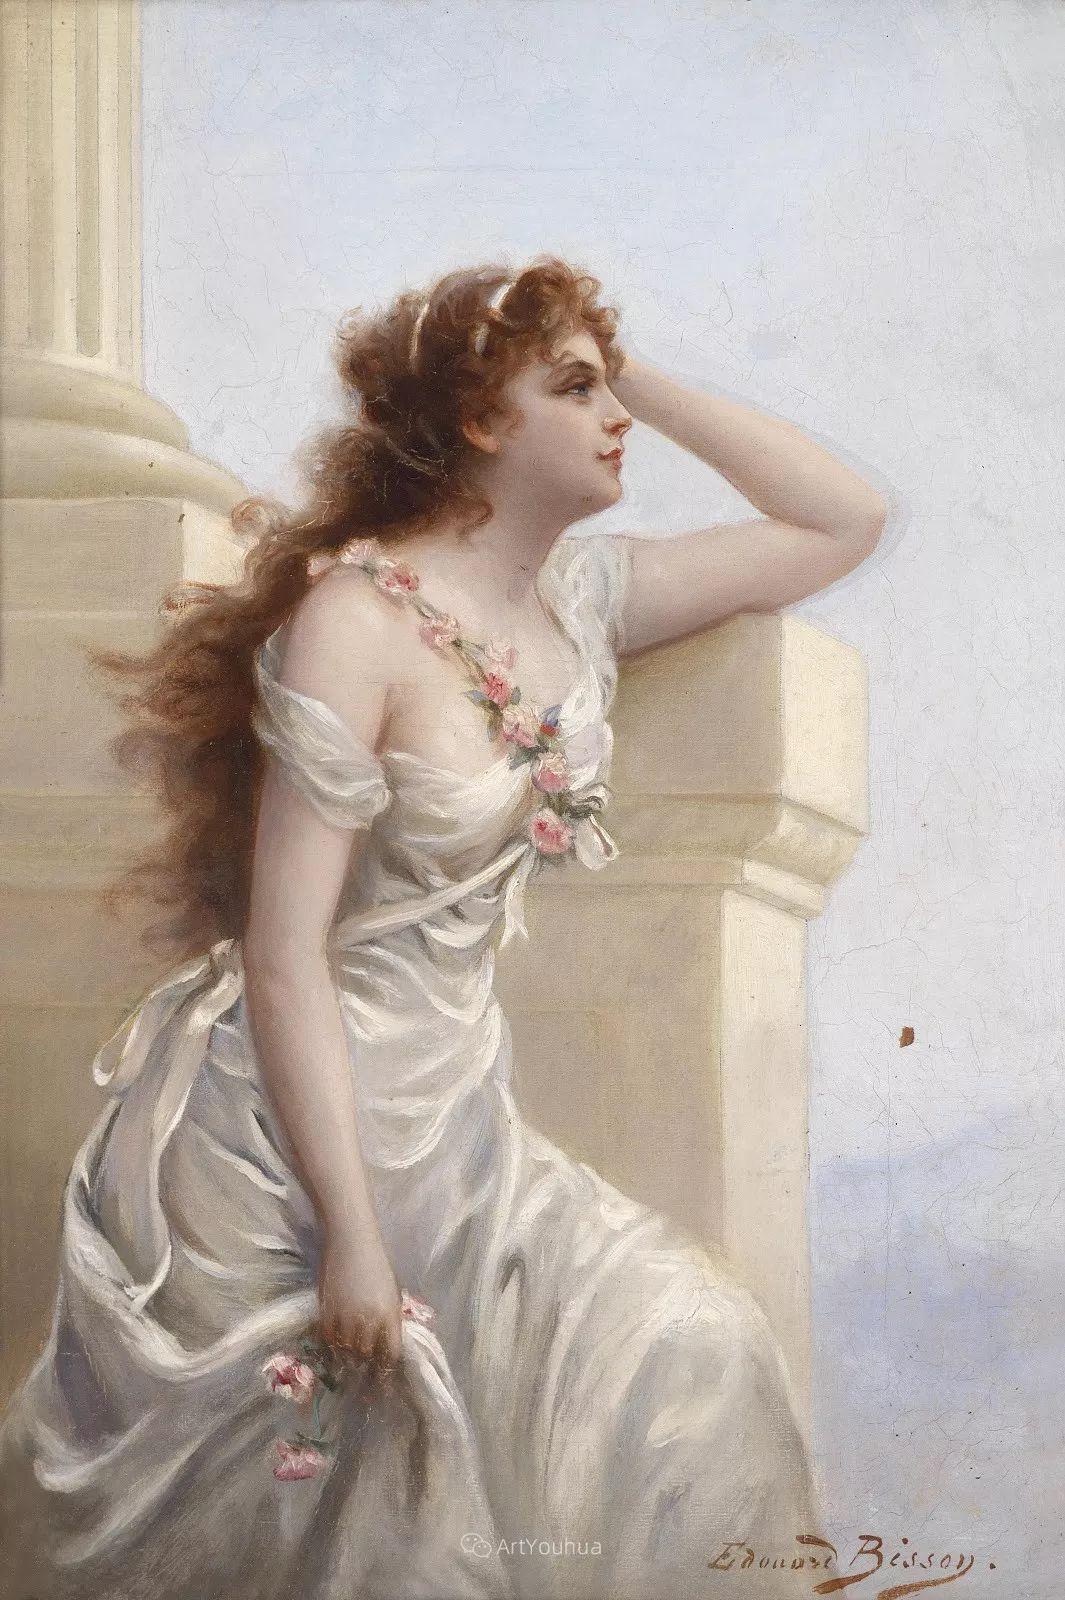 法国画家油画中的仙女,身披薄纱,性感迷人!插图14